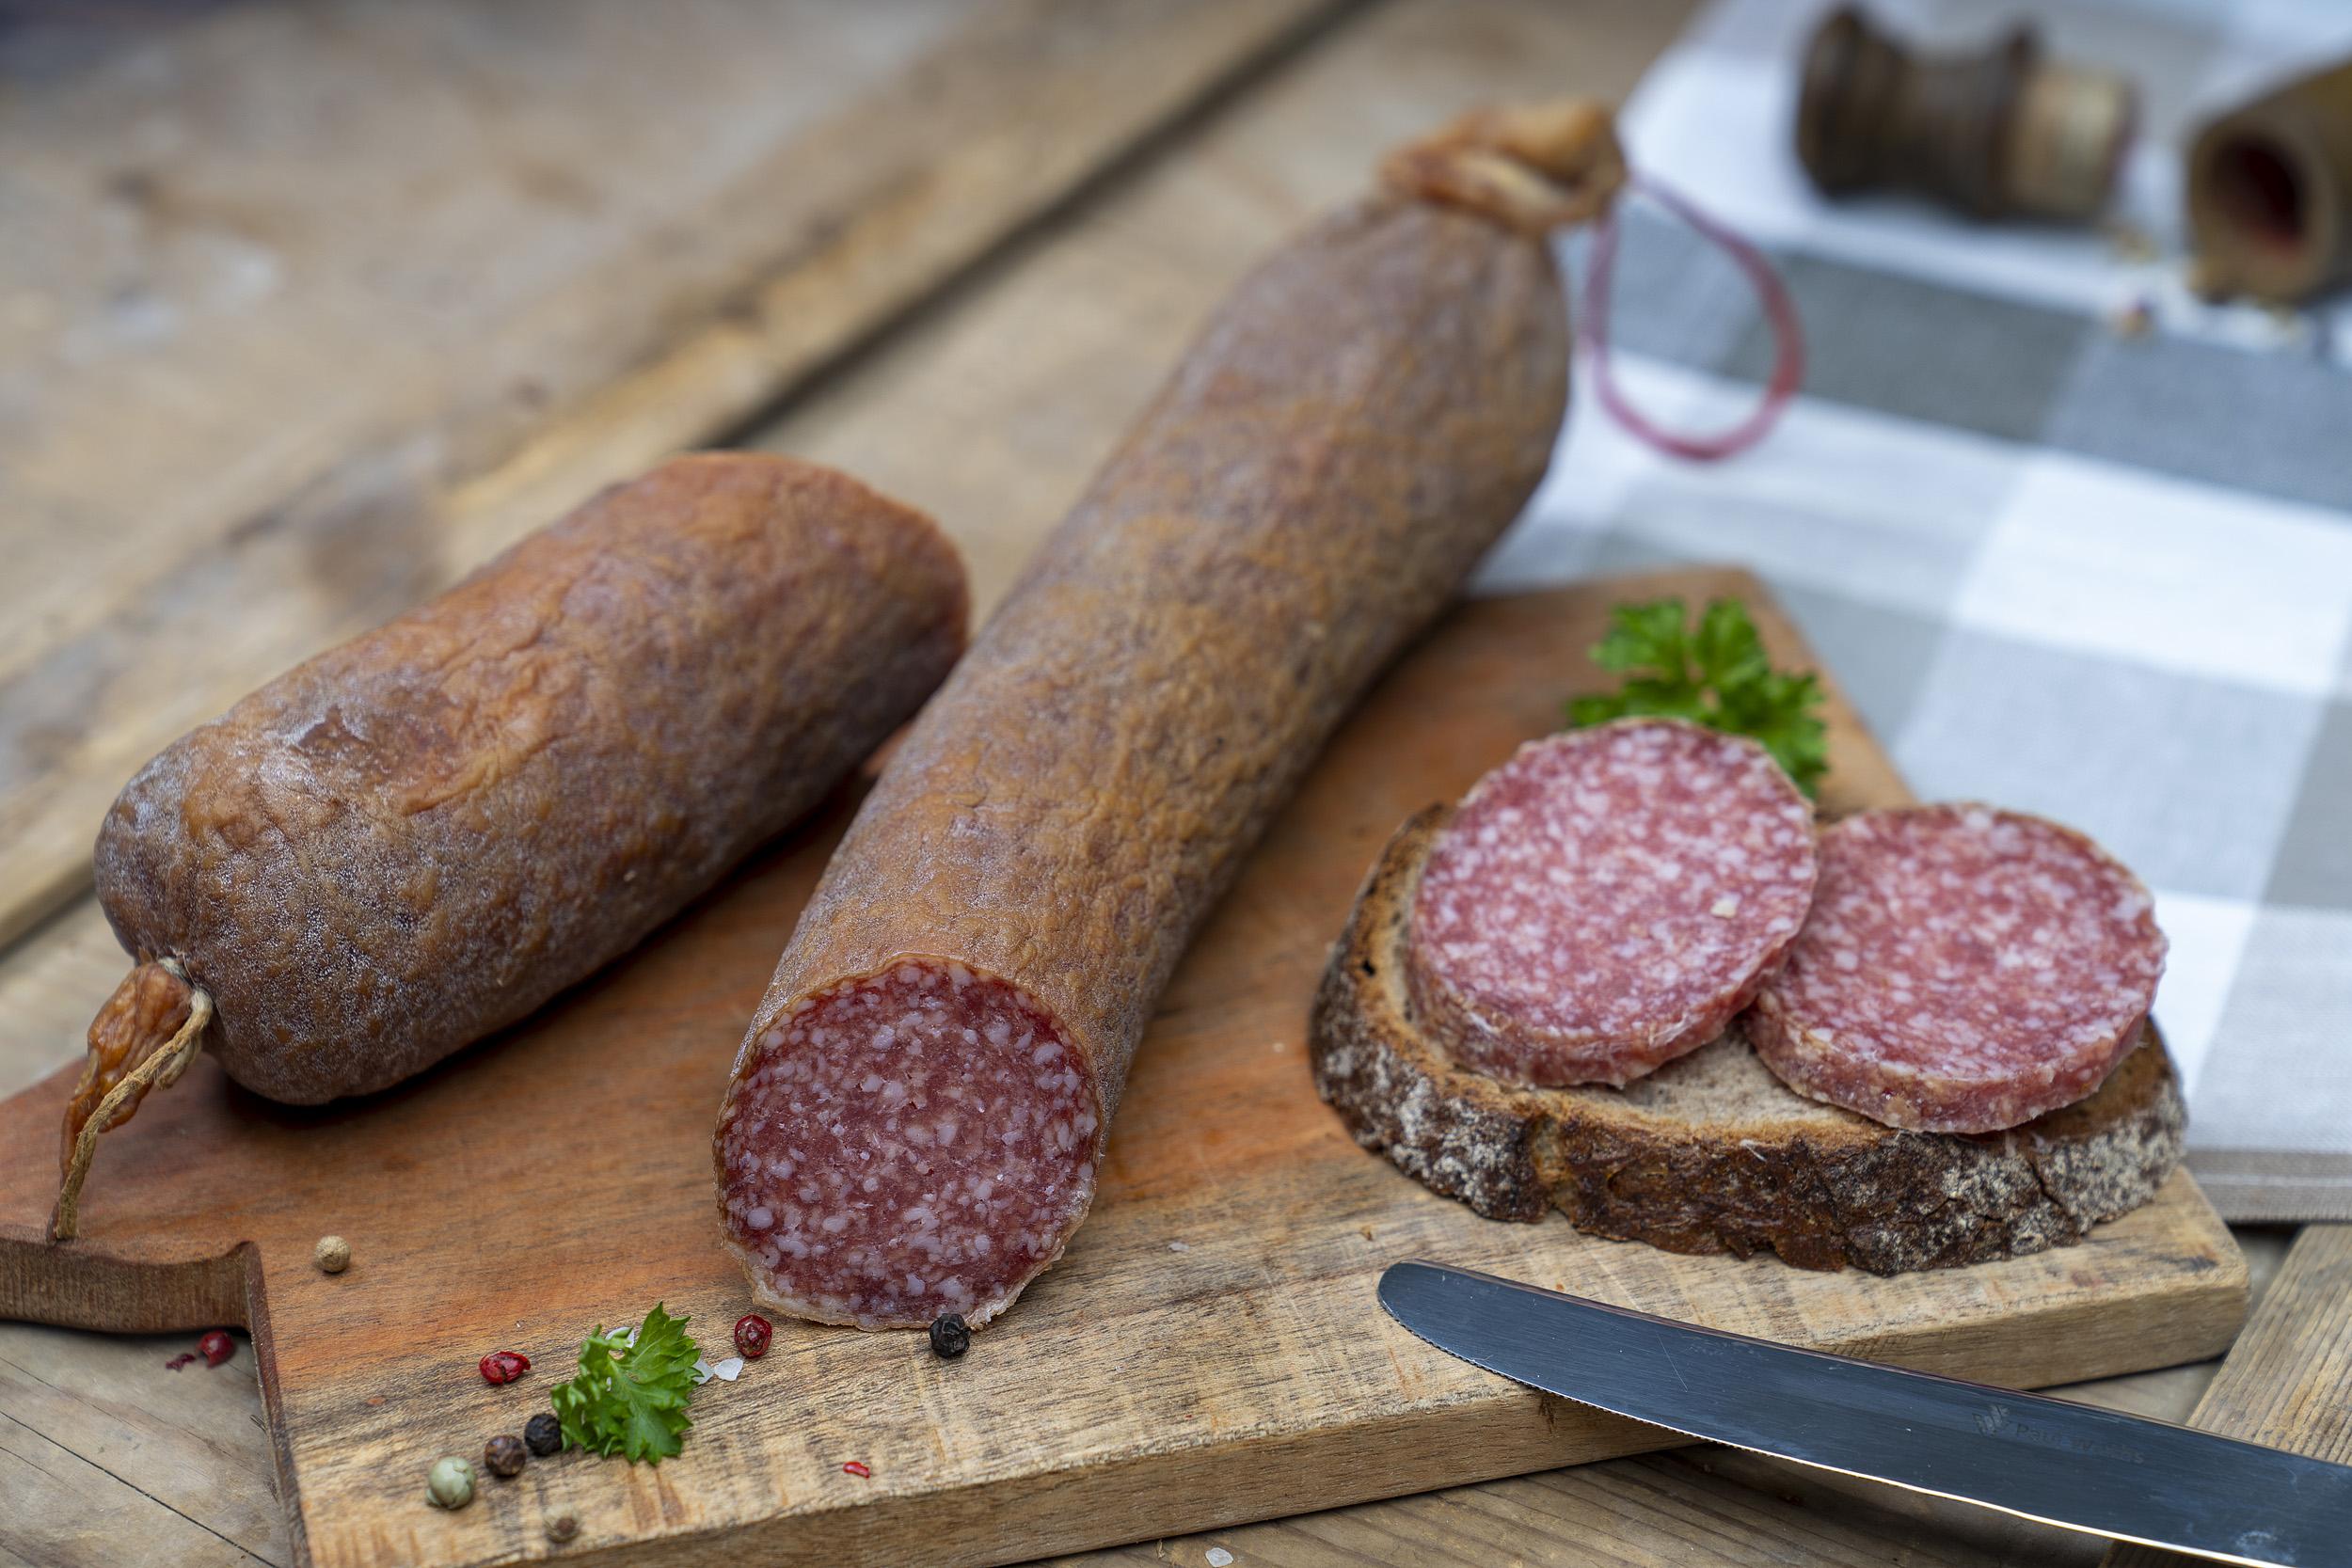 Aufgeschnittene Schlackwurst auf einem Brett. Daneben ein Brot mit der Wurst.